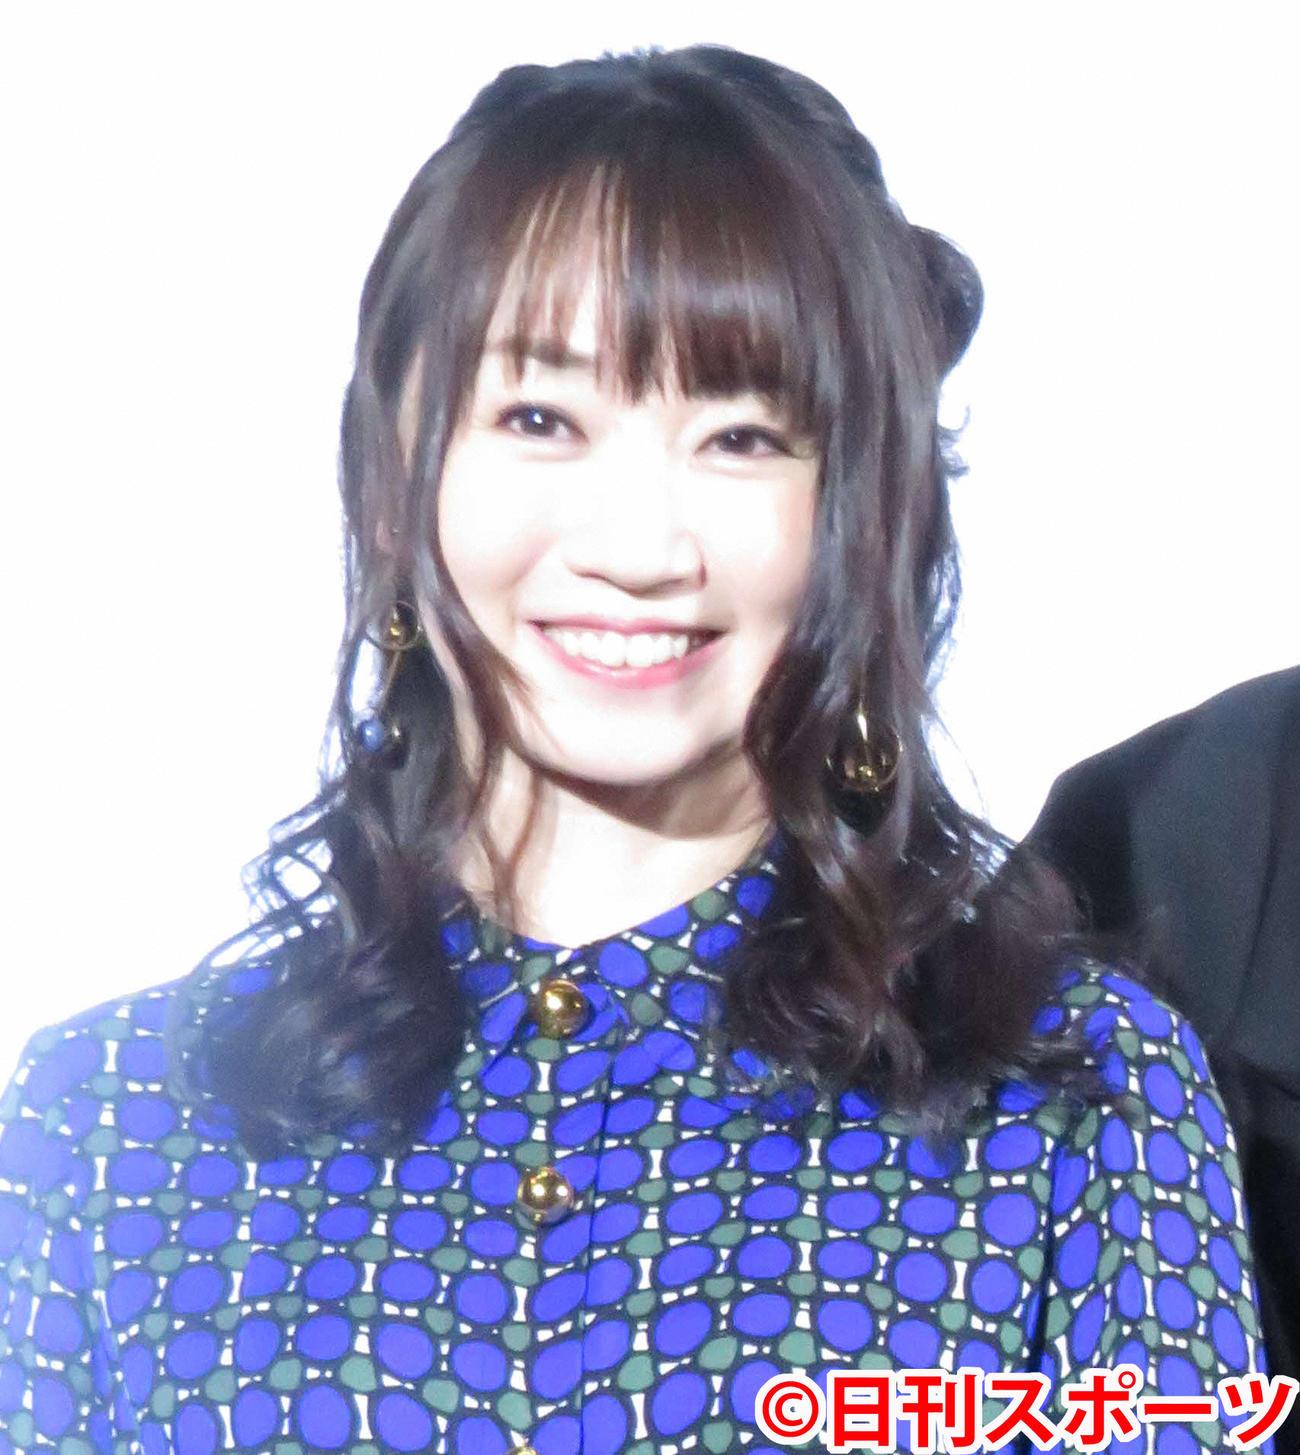 水樹奈々(2018年12月22日撮影)